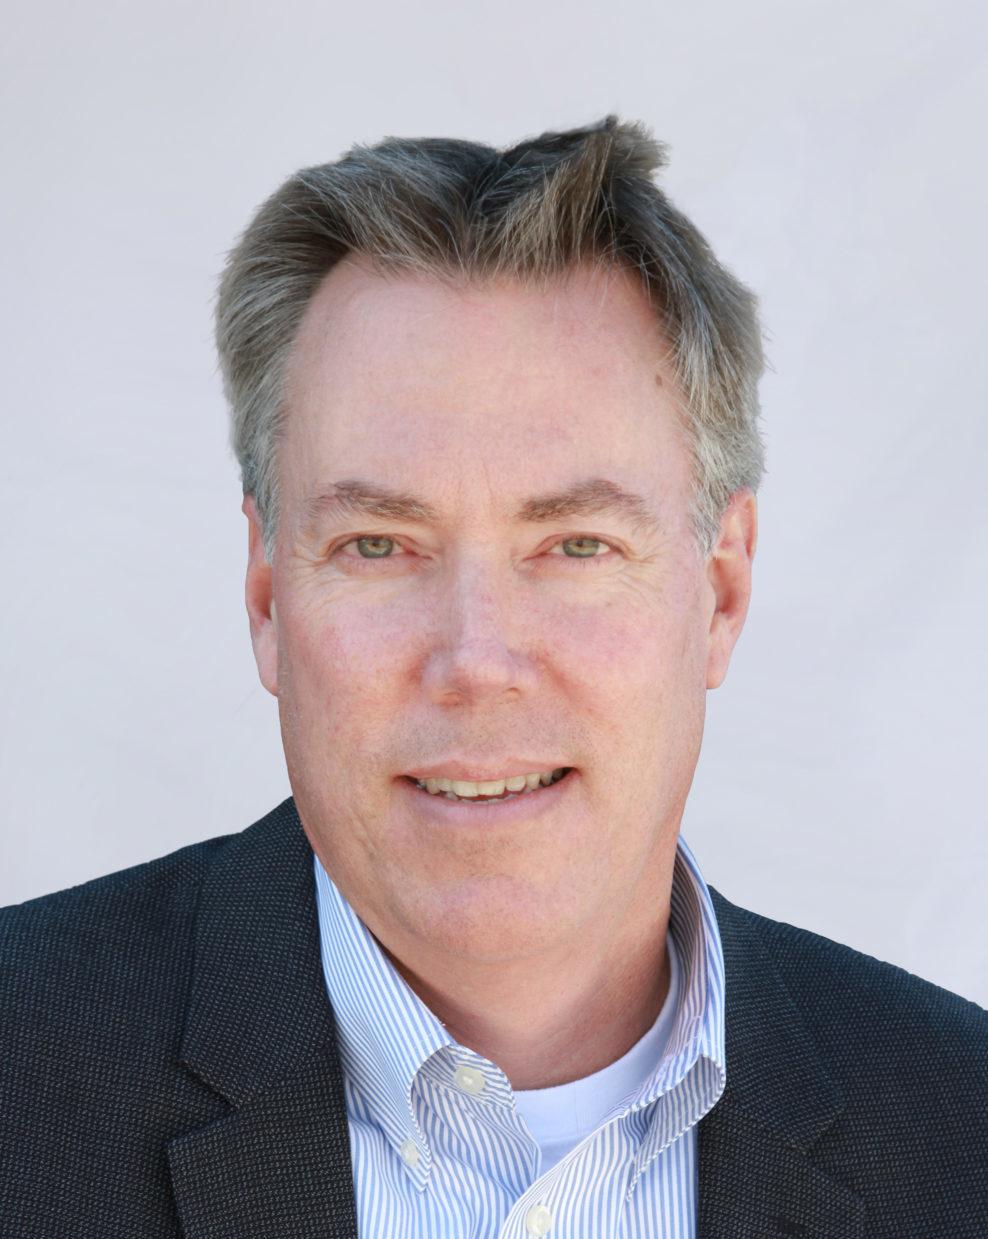 Steve Steinheimer